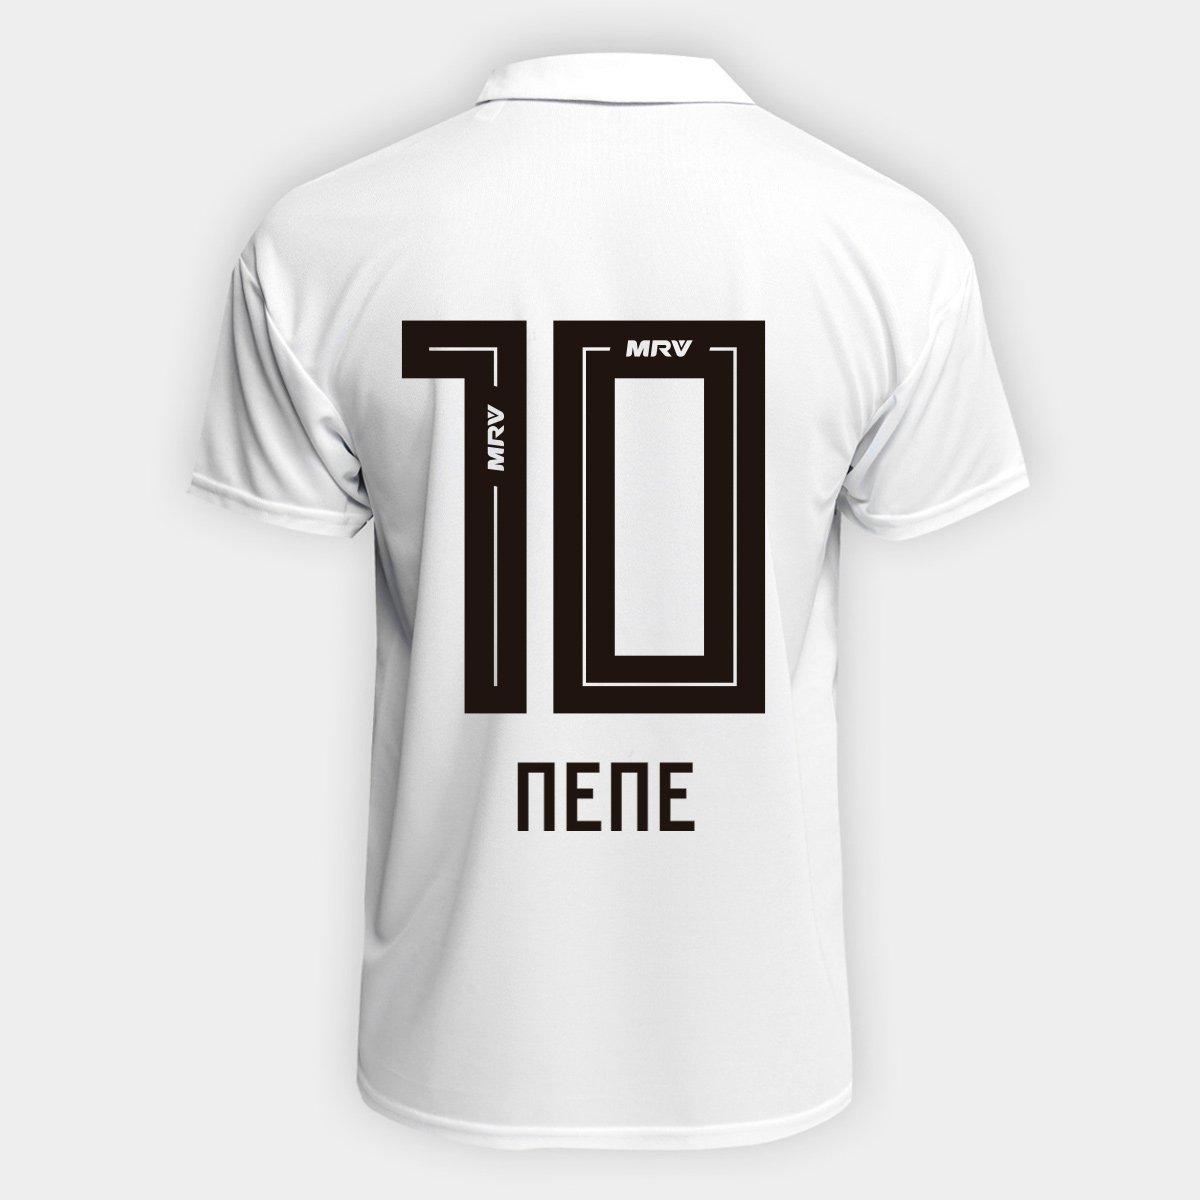 d9a31ef55 Camisa São Paulo I 2018 n° 10 Nene Torcedor Adidas Masculina - Compre Agora